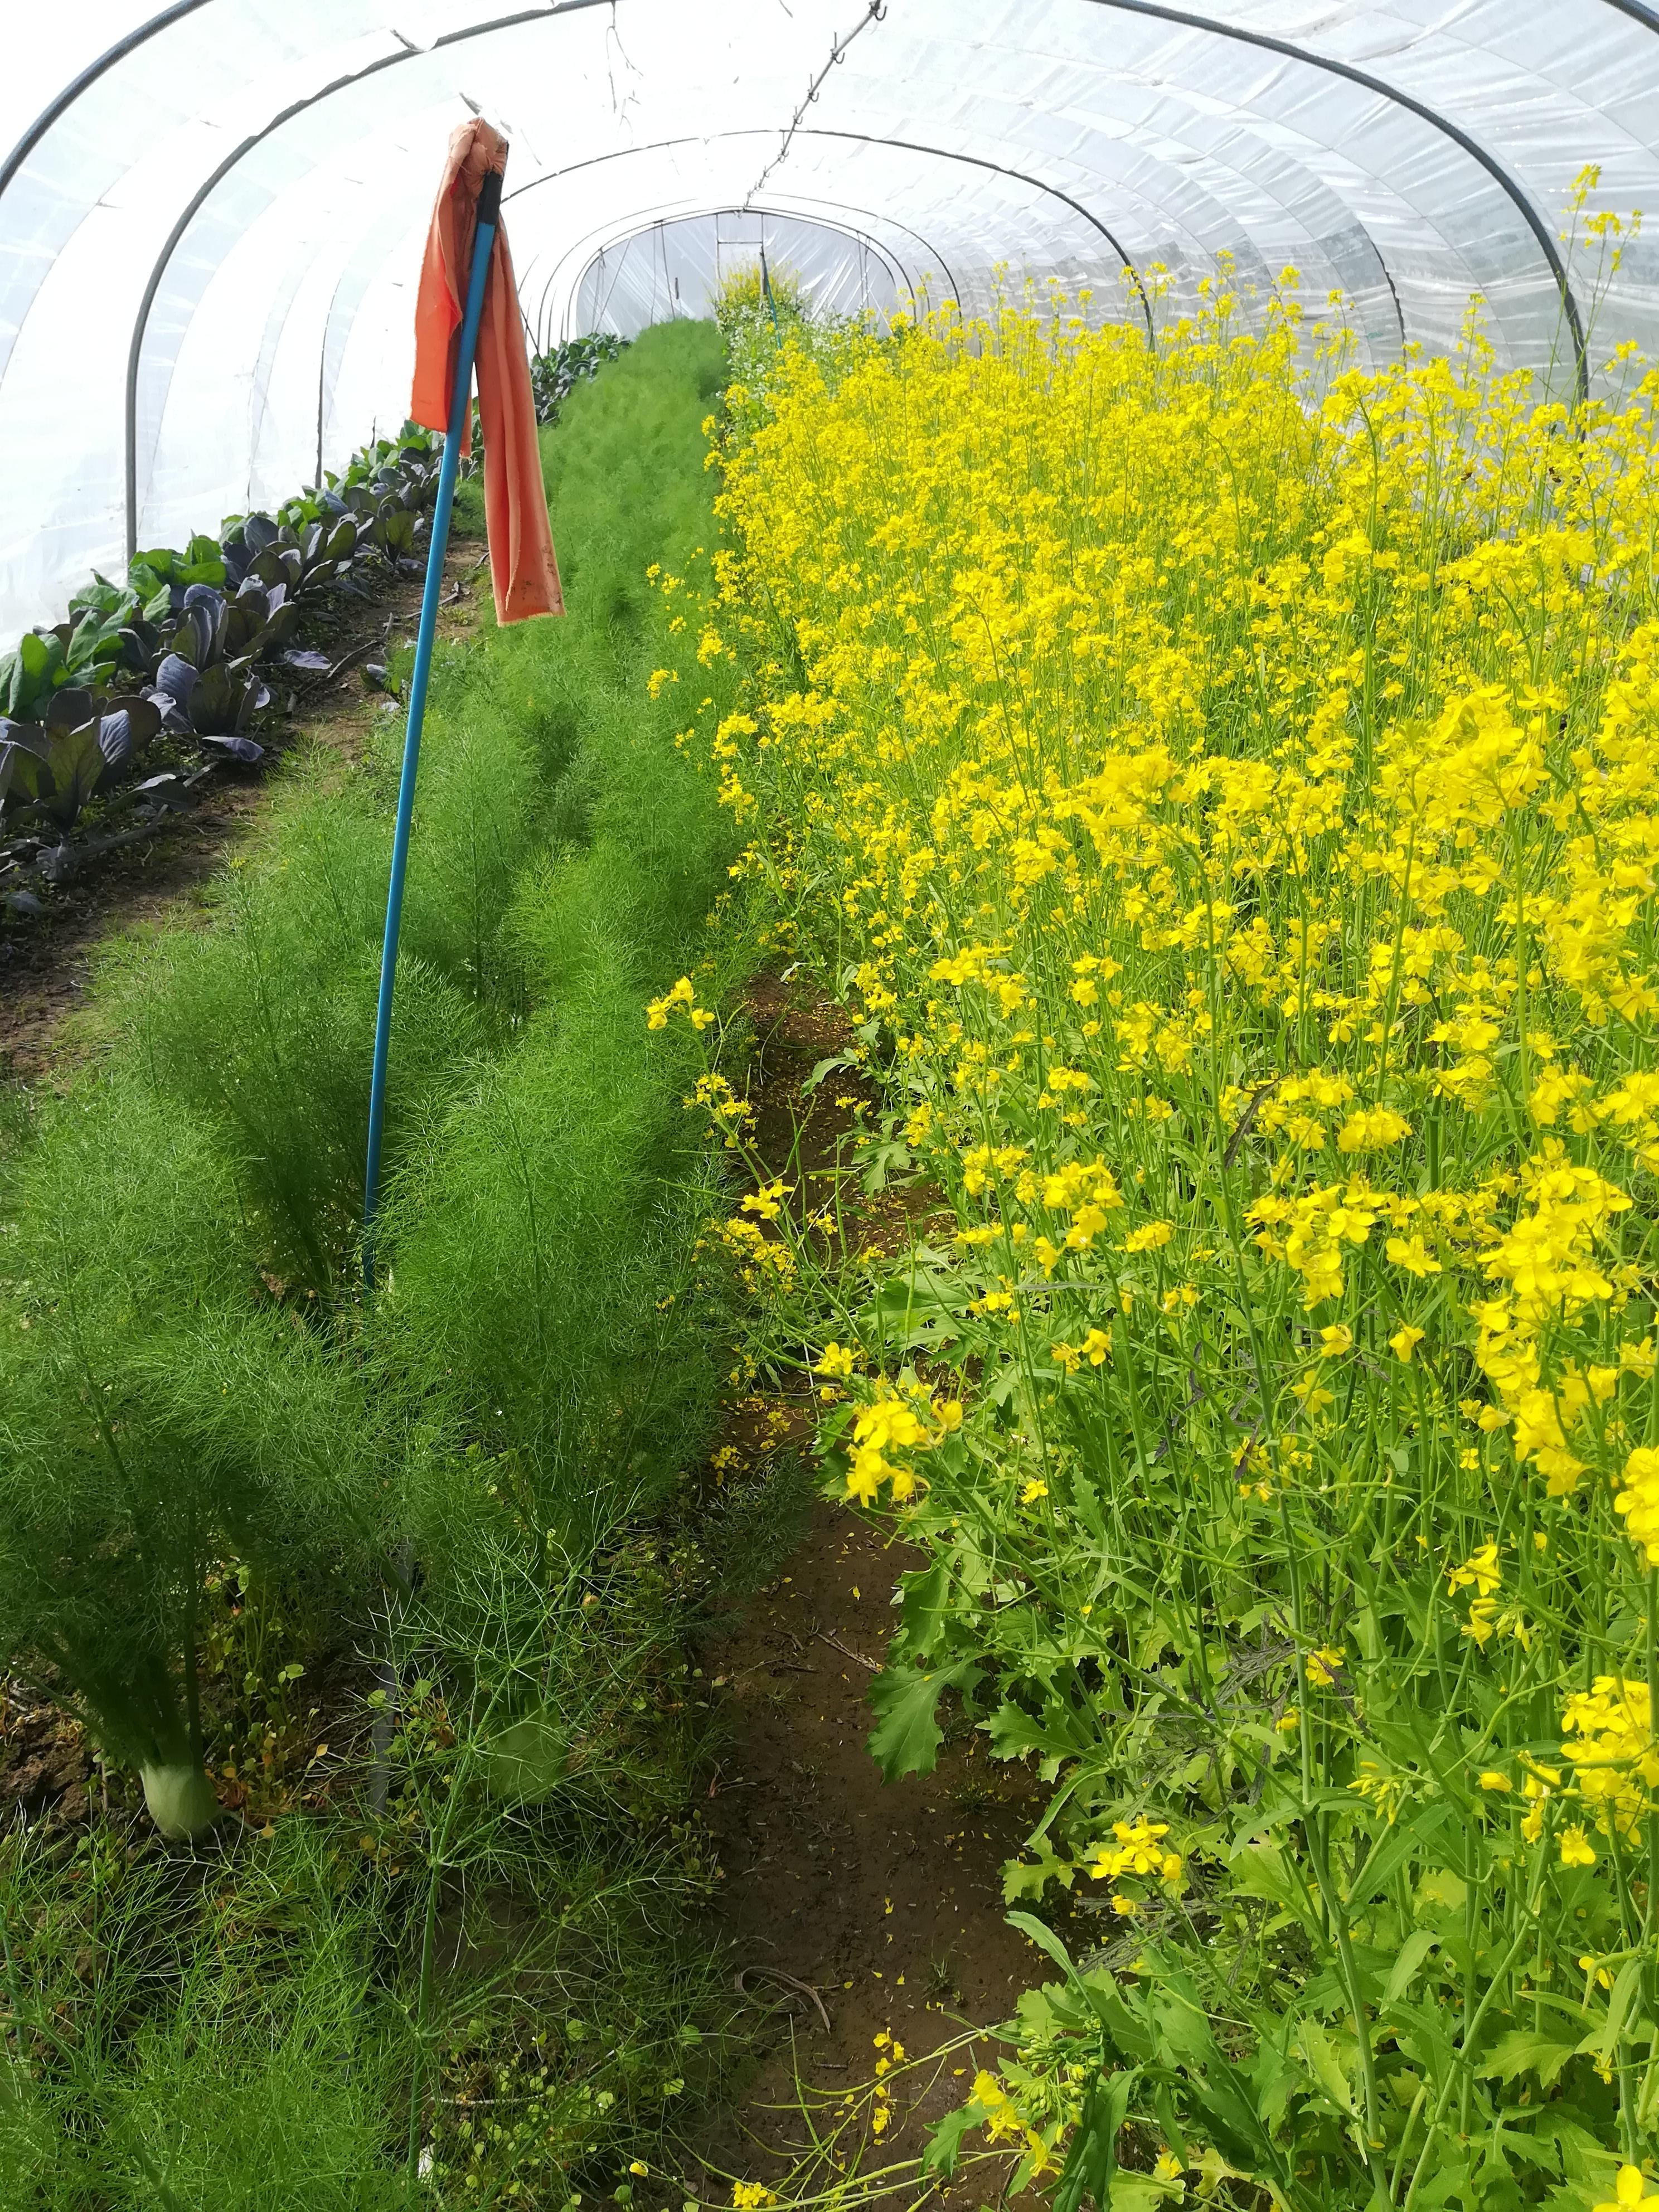 oogstvlag op 1 mei in de venkel uit tunnel, en raapsteel in bloei, om de bijtjes te plezieren